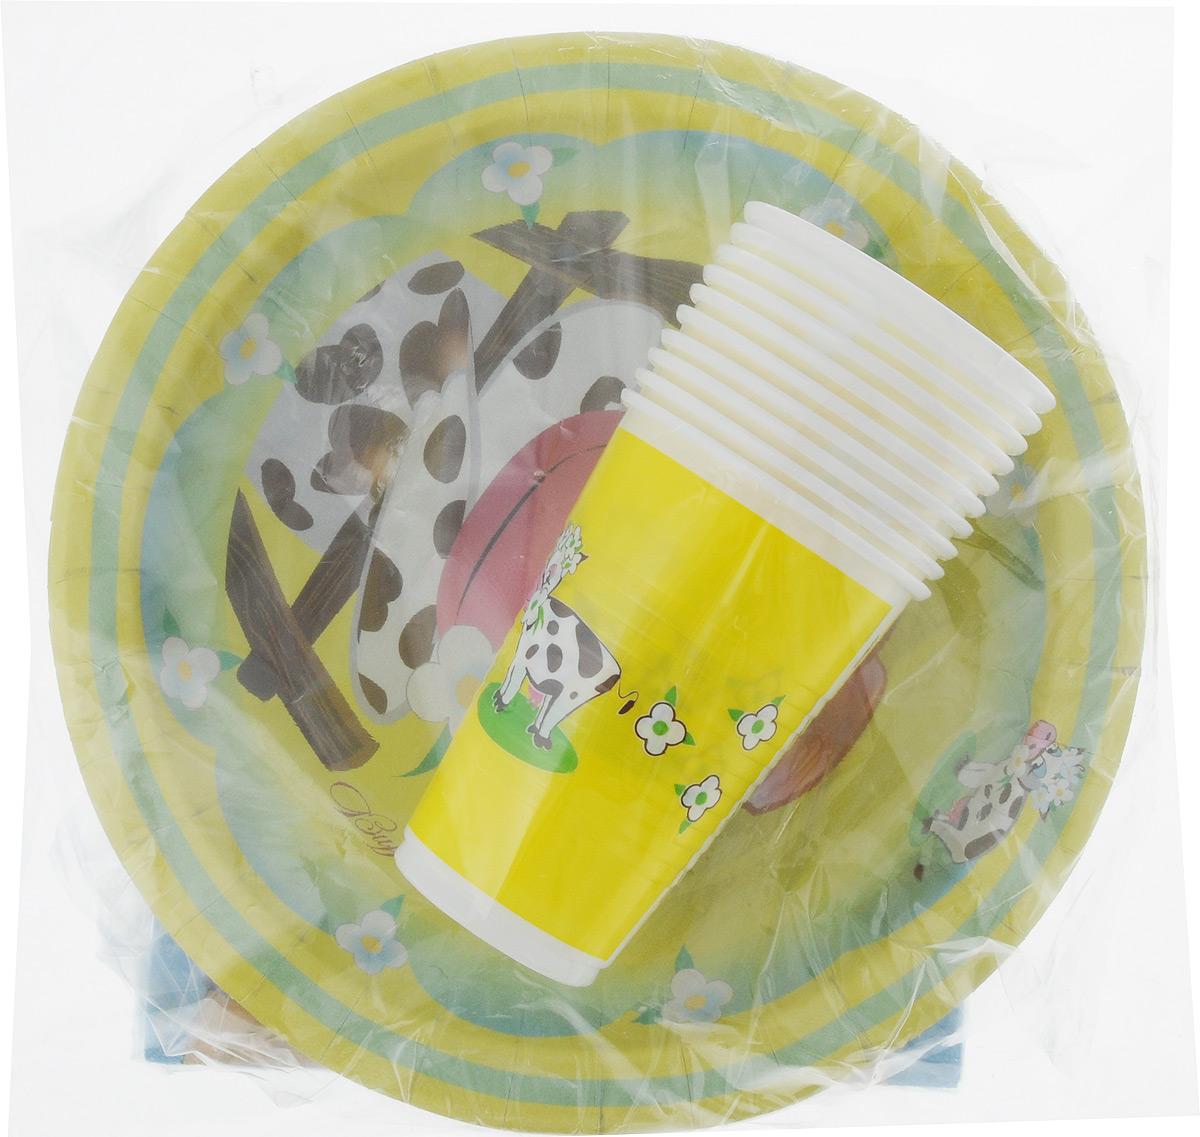 Набор одноразовой посуды Мистерия Детский, 40 предметов170217Набор одноразовой посуды Мистерия Детский на 10 персон включает 10 тарелок, 10 стаканов и 20 салфеток. Посуда предназначена для холодных и горячих (до +70°С) пищевых продуктов и напитков. Стаканы выполнены из прочного полипропилена, а тарелки - из ламинированного картона. В комплекте также имеются двухслойные бумажные салфетки. Все предметы набора дополнены ярким красочным рисунком. Такой набор посуды отлично подойдет для отдыха на природе, пикников, а также детских праздников. В нем есть все необходимое. Он легкий и не занимает много места, а самое главное - после использования его не надо мыть. Объем стакана: 200 мл. Диаметр стакана (по верхнему краю): 7 см. Высота стакана: 10 см. Диаметр тарелки: 23 см. Размер салфетки: 33 х 33 см.